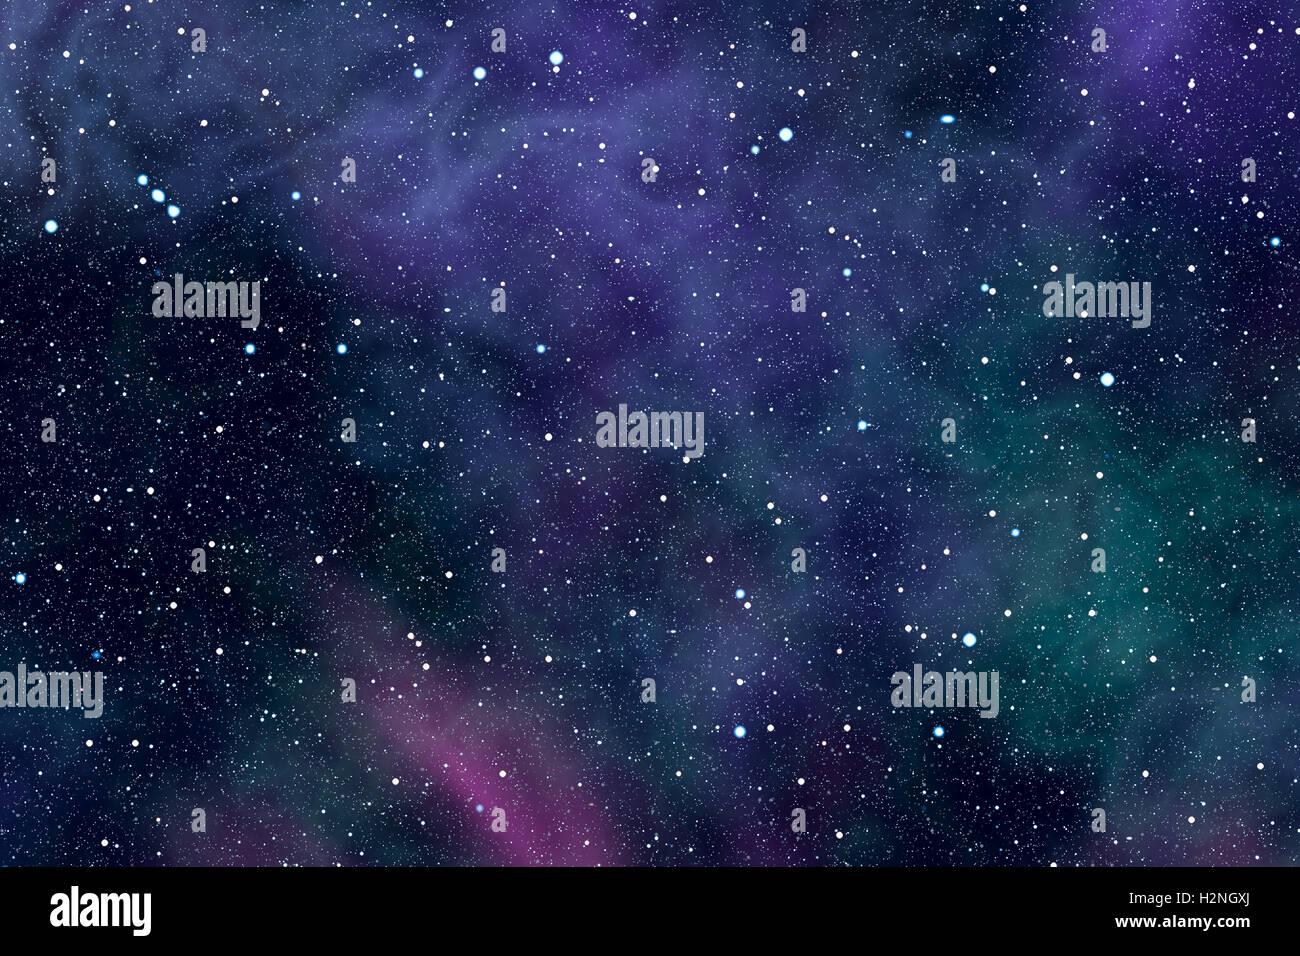 Alta risoluzione sfondo astratto con spazio cosmico riempito da stelle e nebulose colorate. Immagini Stock